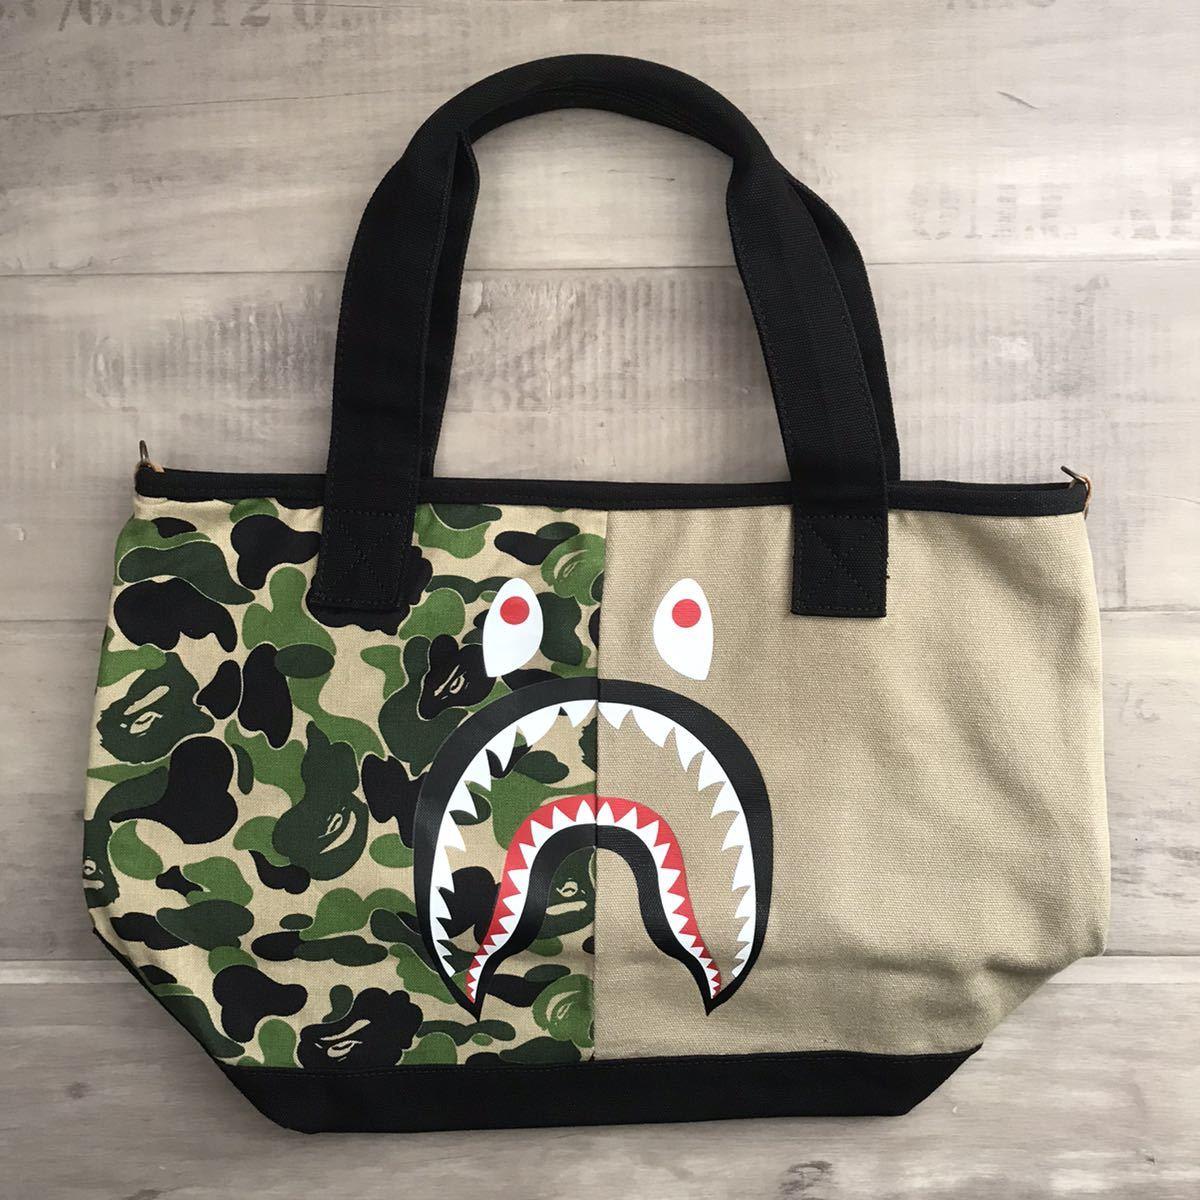 ABC camo シャーク トートバッグ a bathing ape BAPE shark tote bag エイプ ベイプ アベイシングエイプ バッグ ABCカモ 迷彩